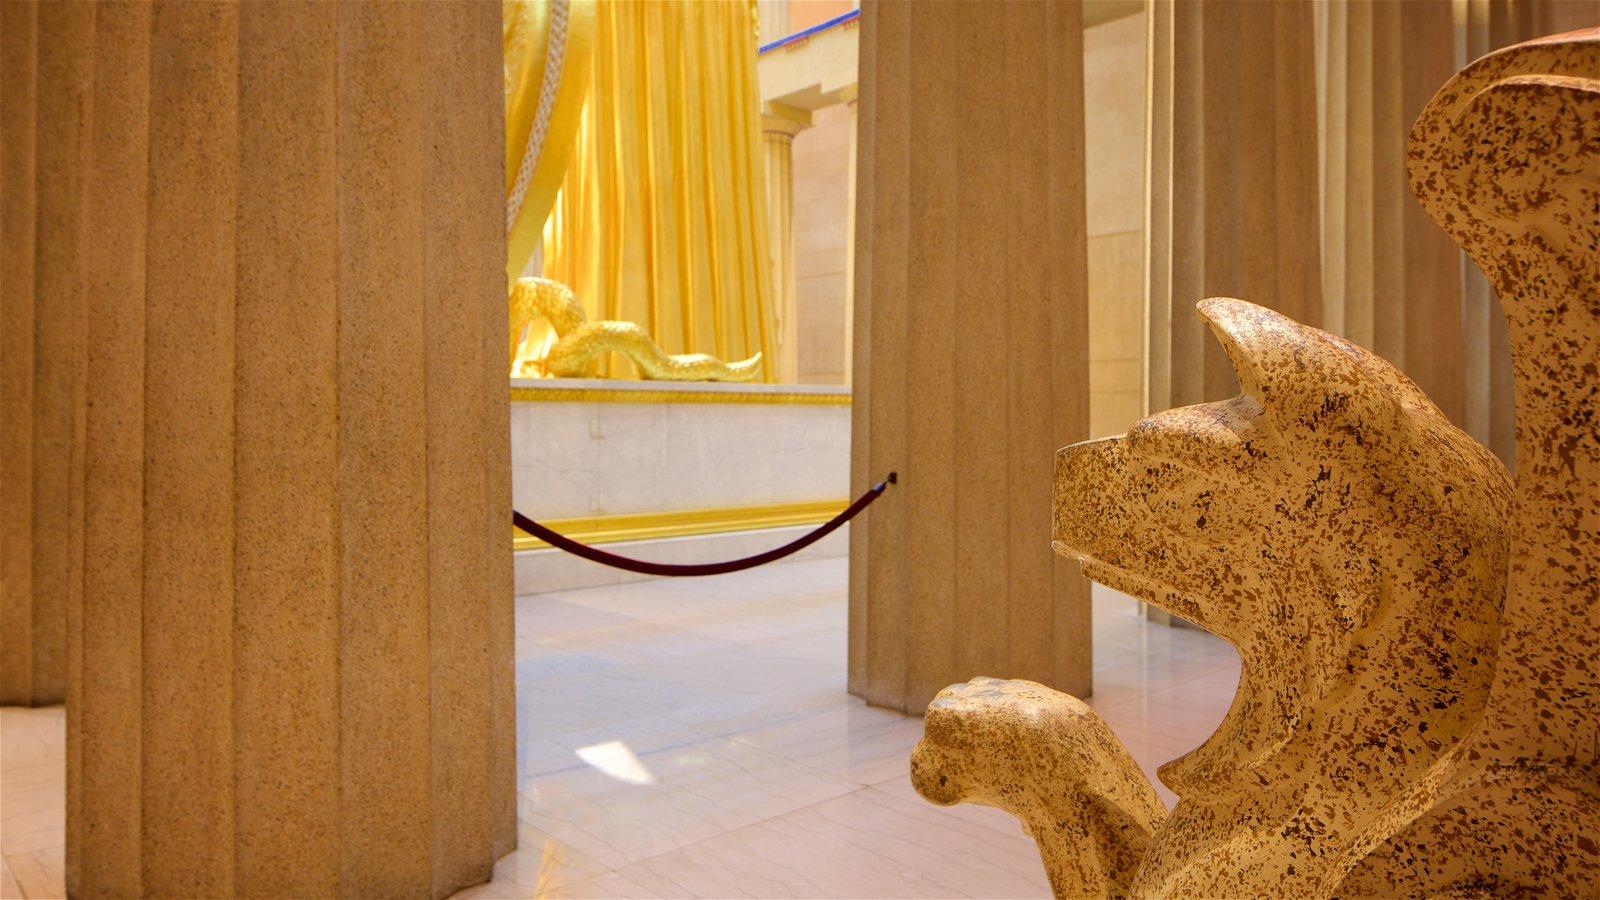 Parthenon que incluye vistas interiores y elementos del patrimonio